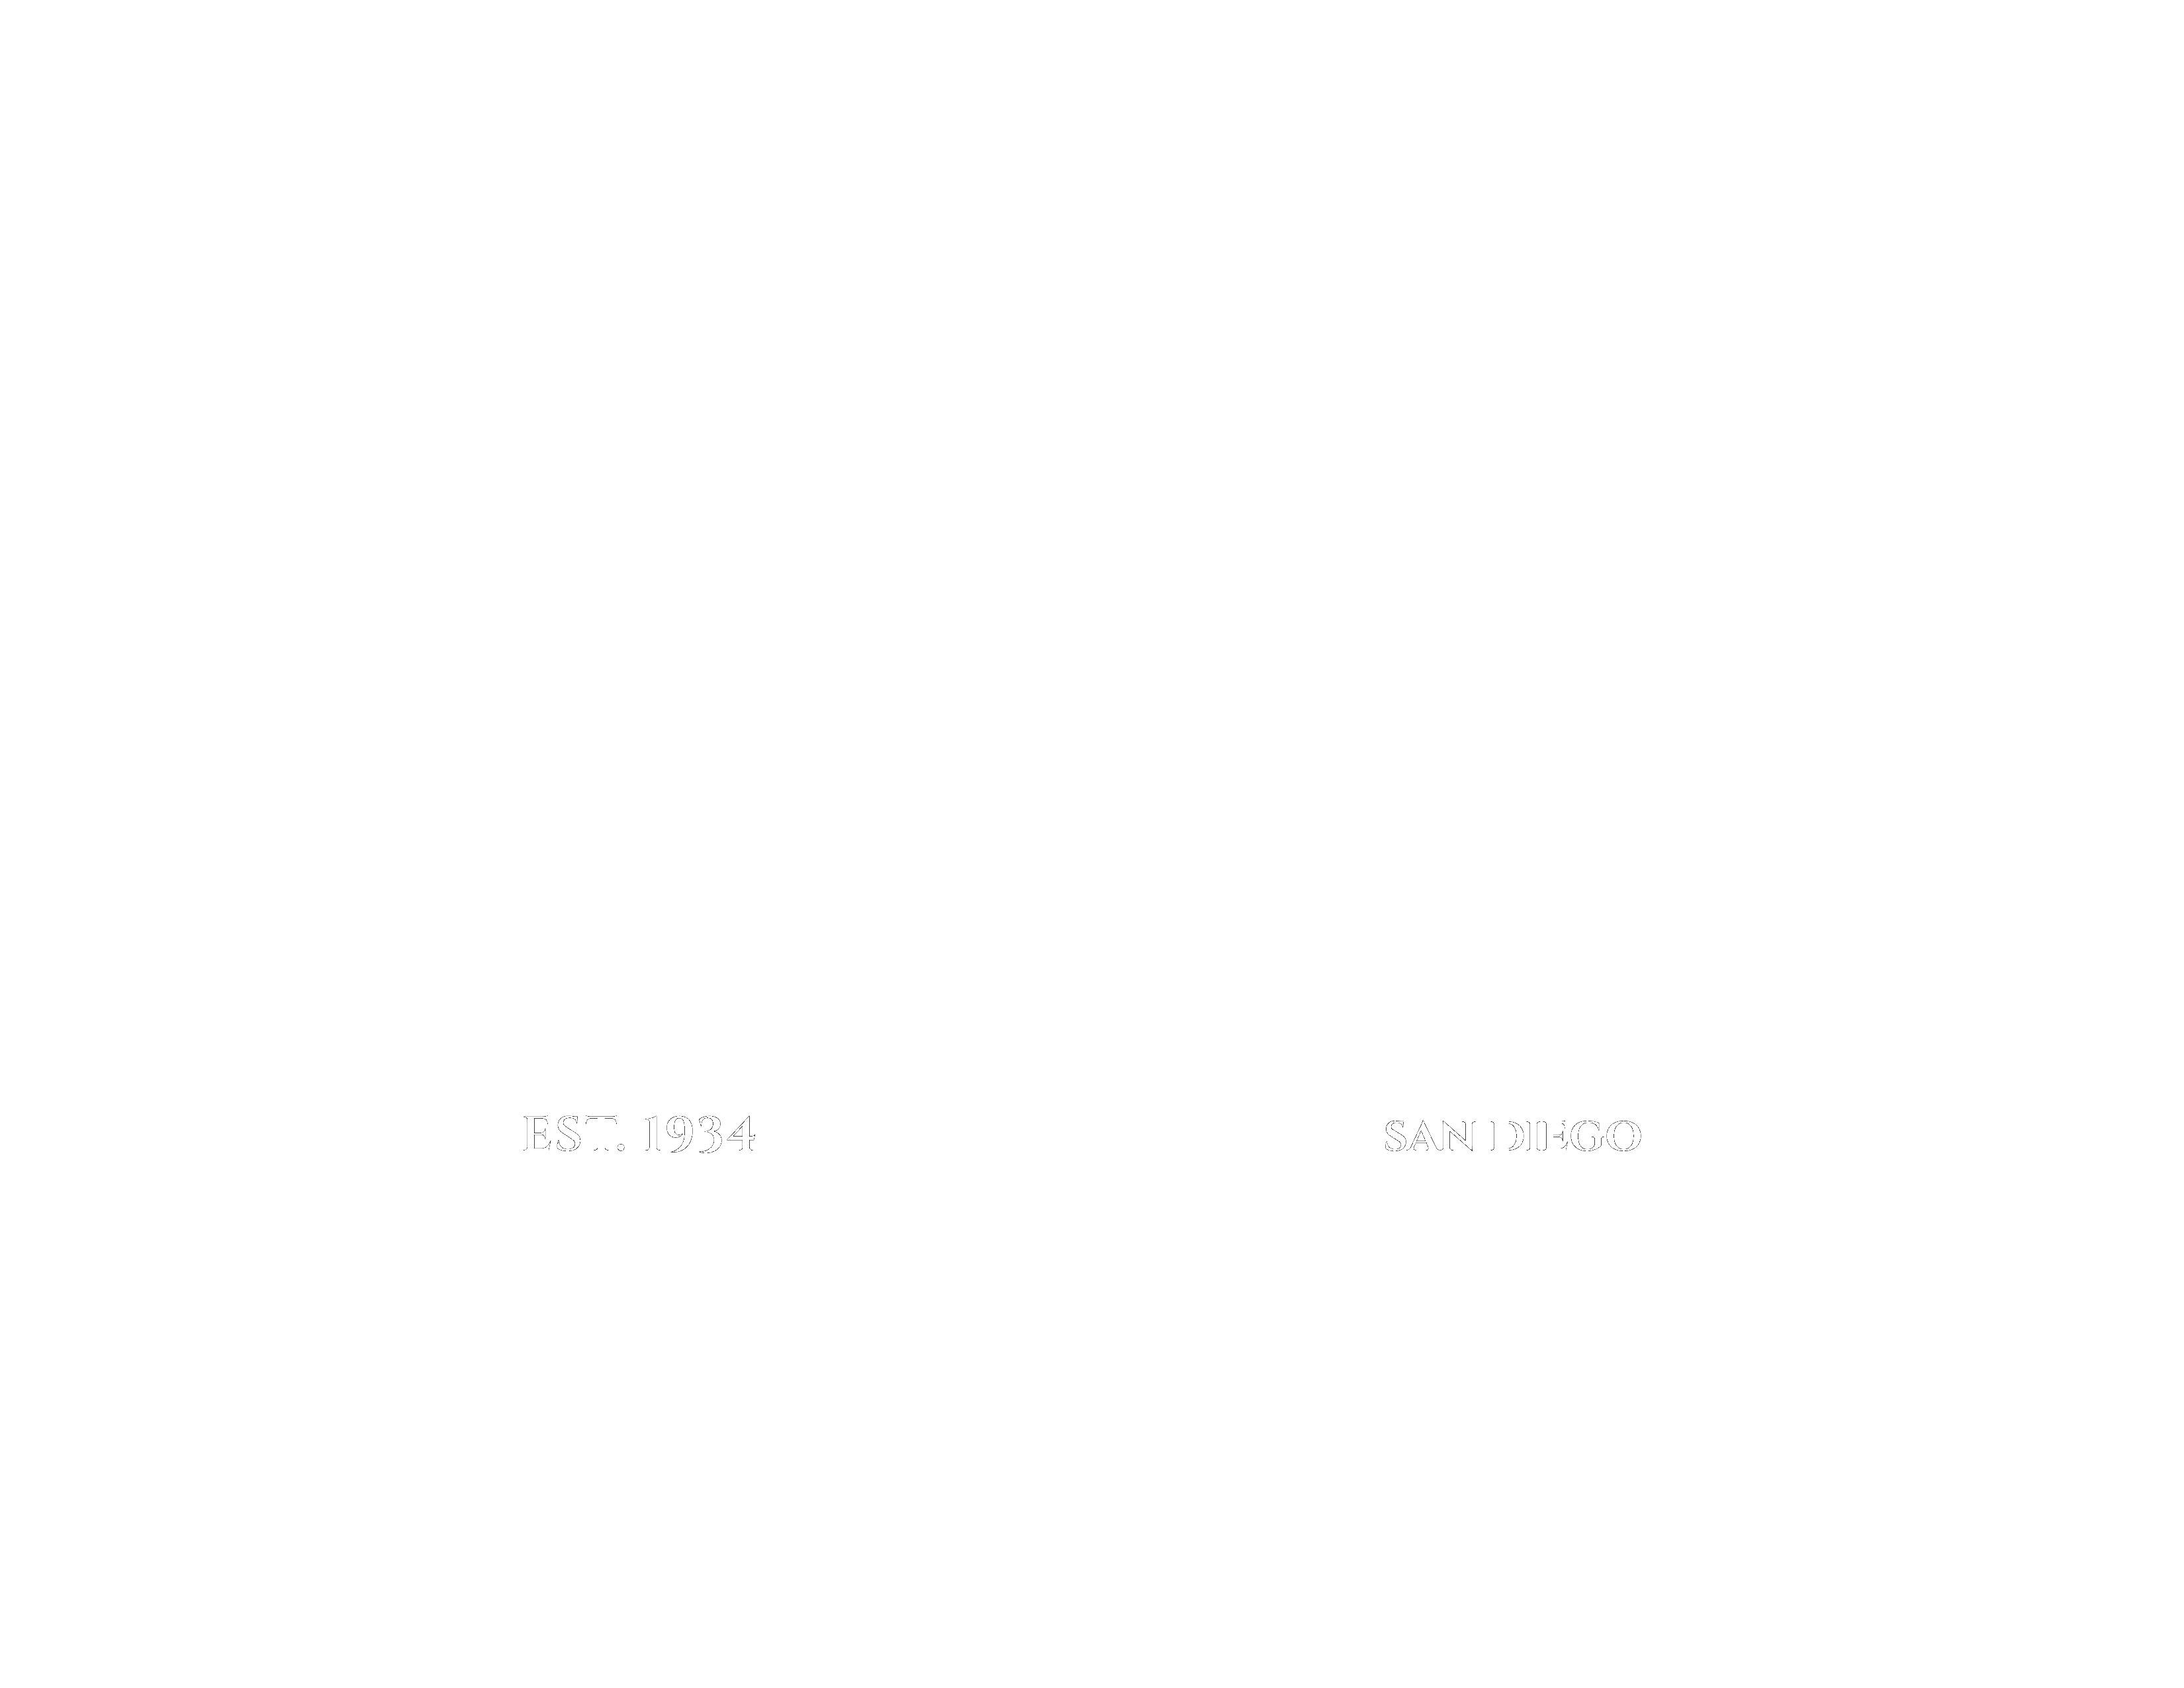 therailsd.com